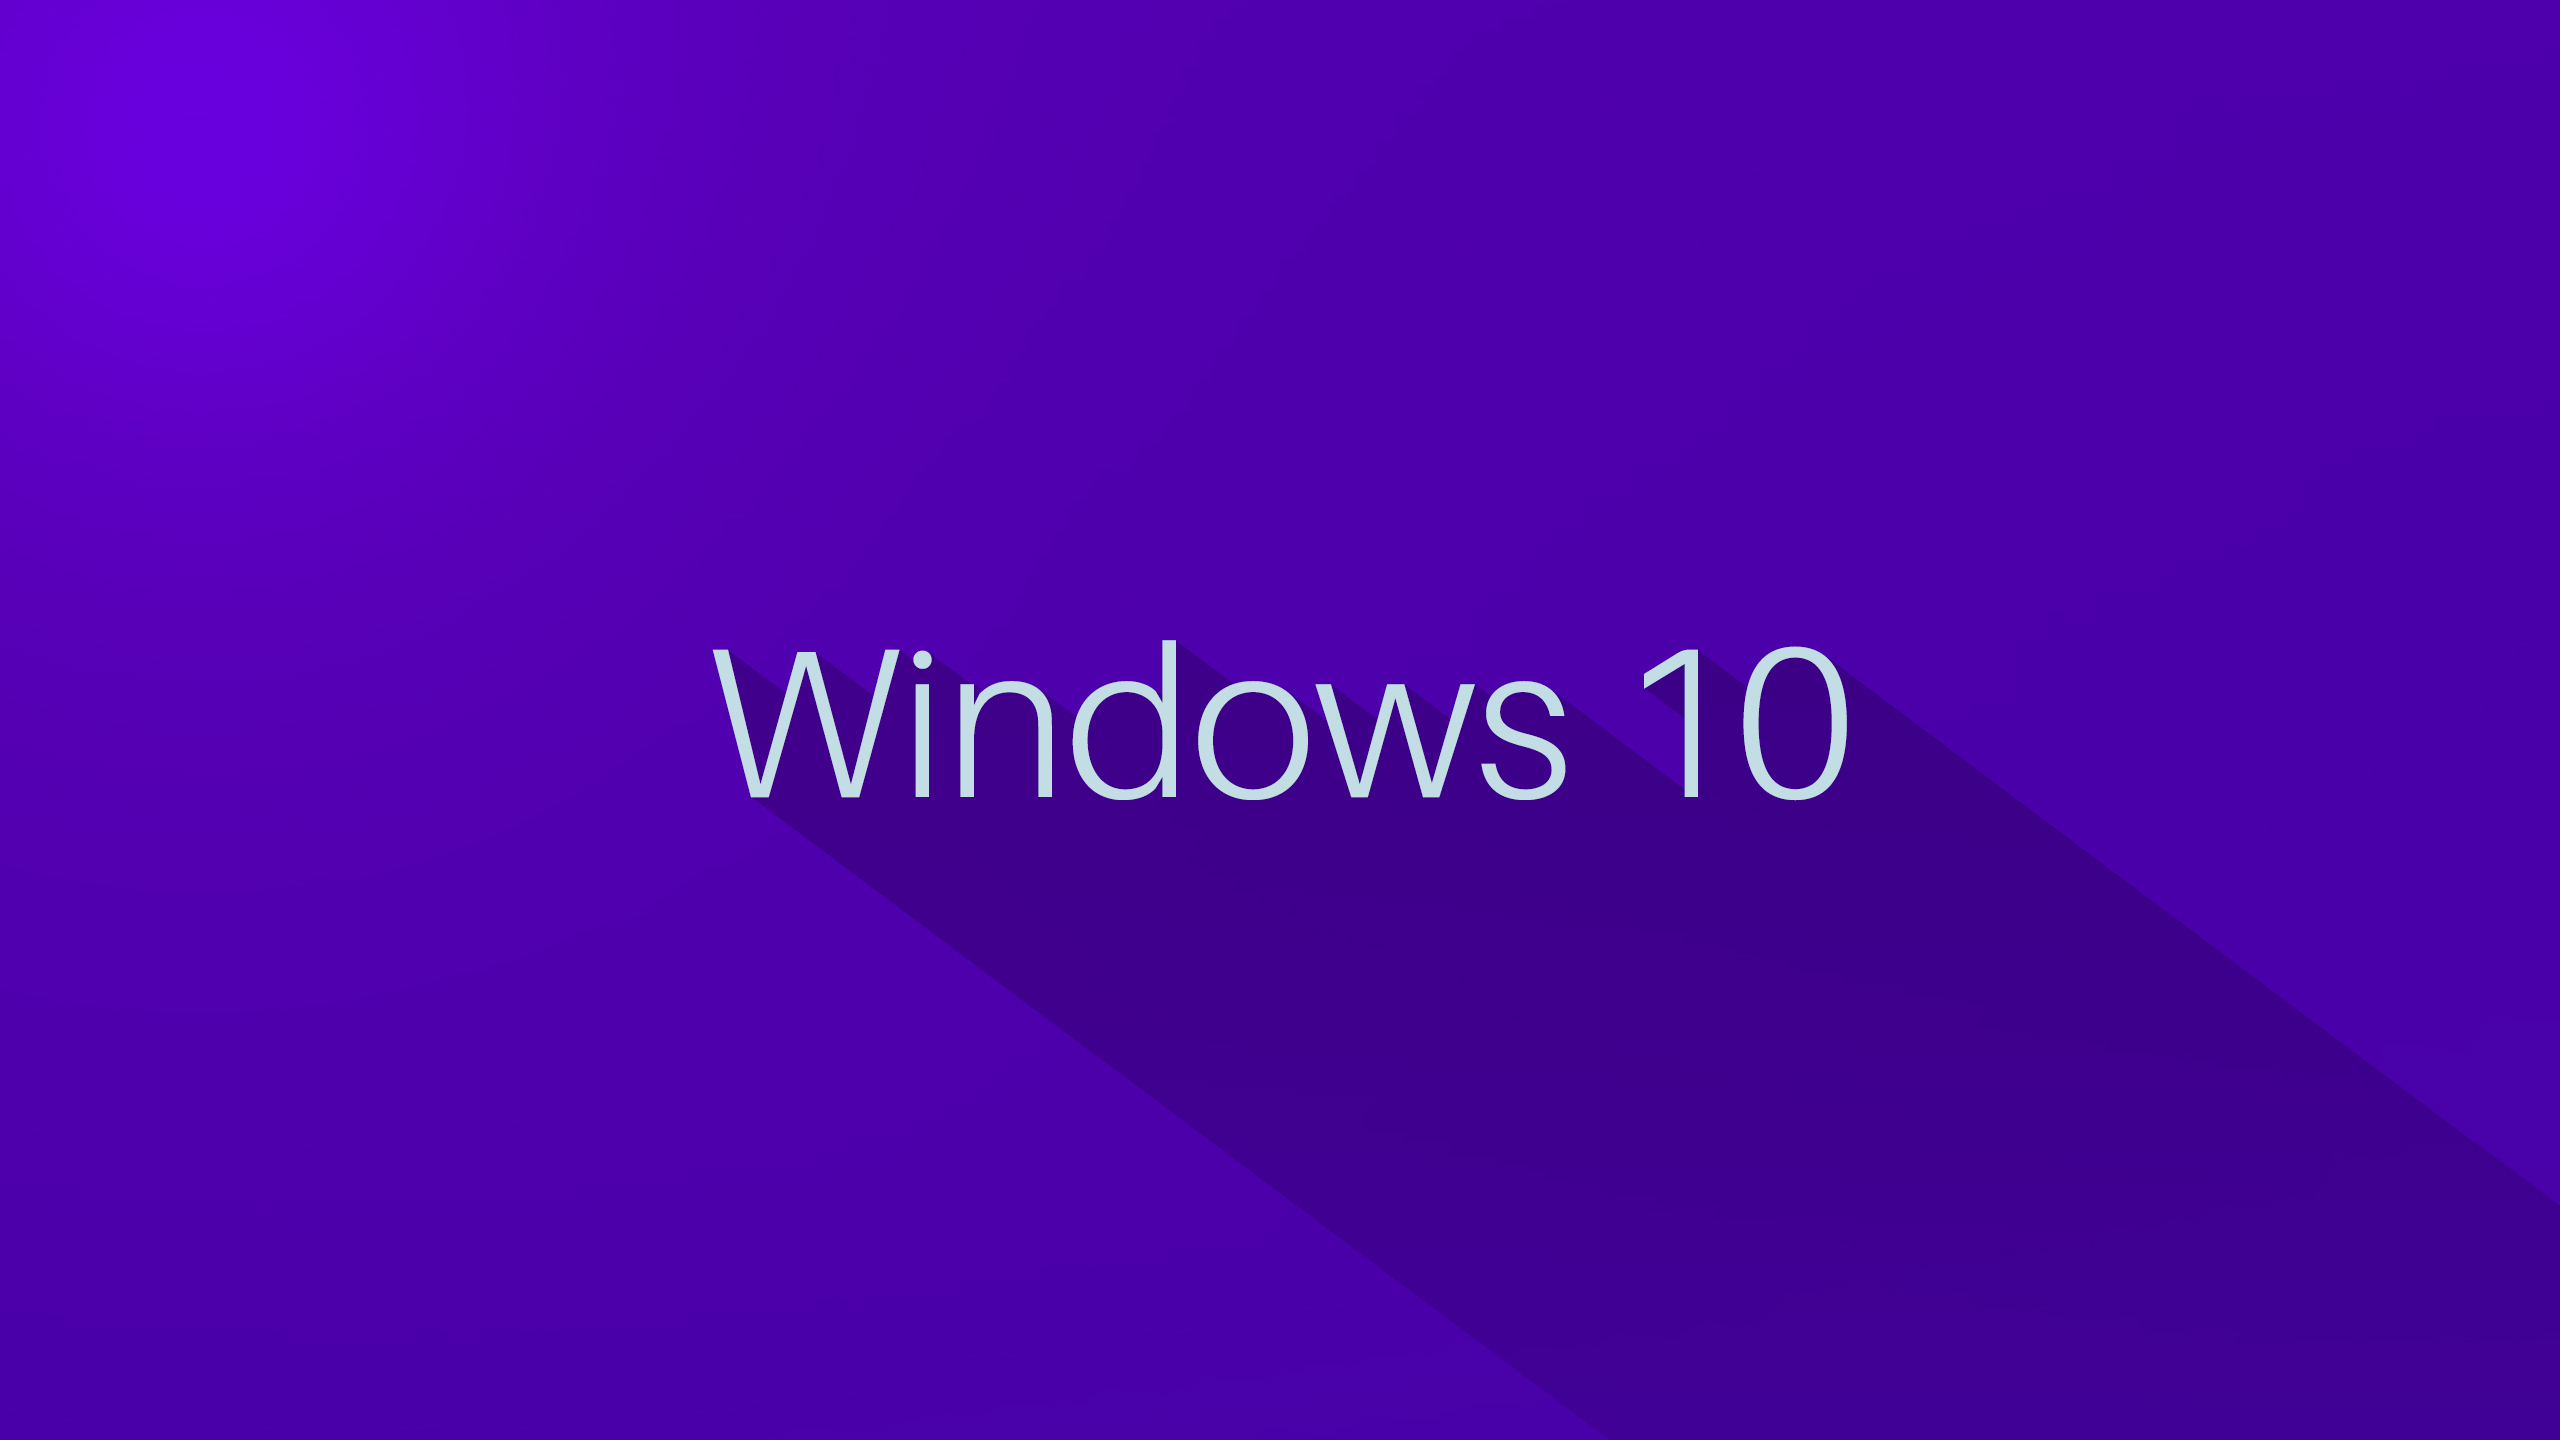 Русский языковой пакет для сборки windows 10 build 10134.